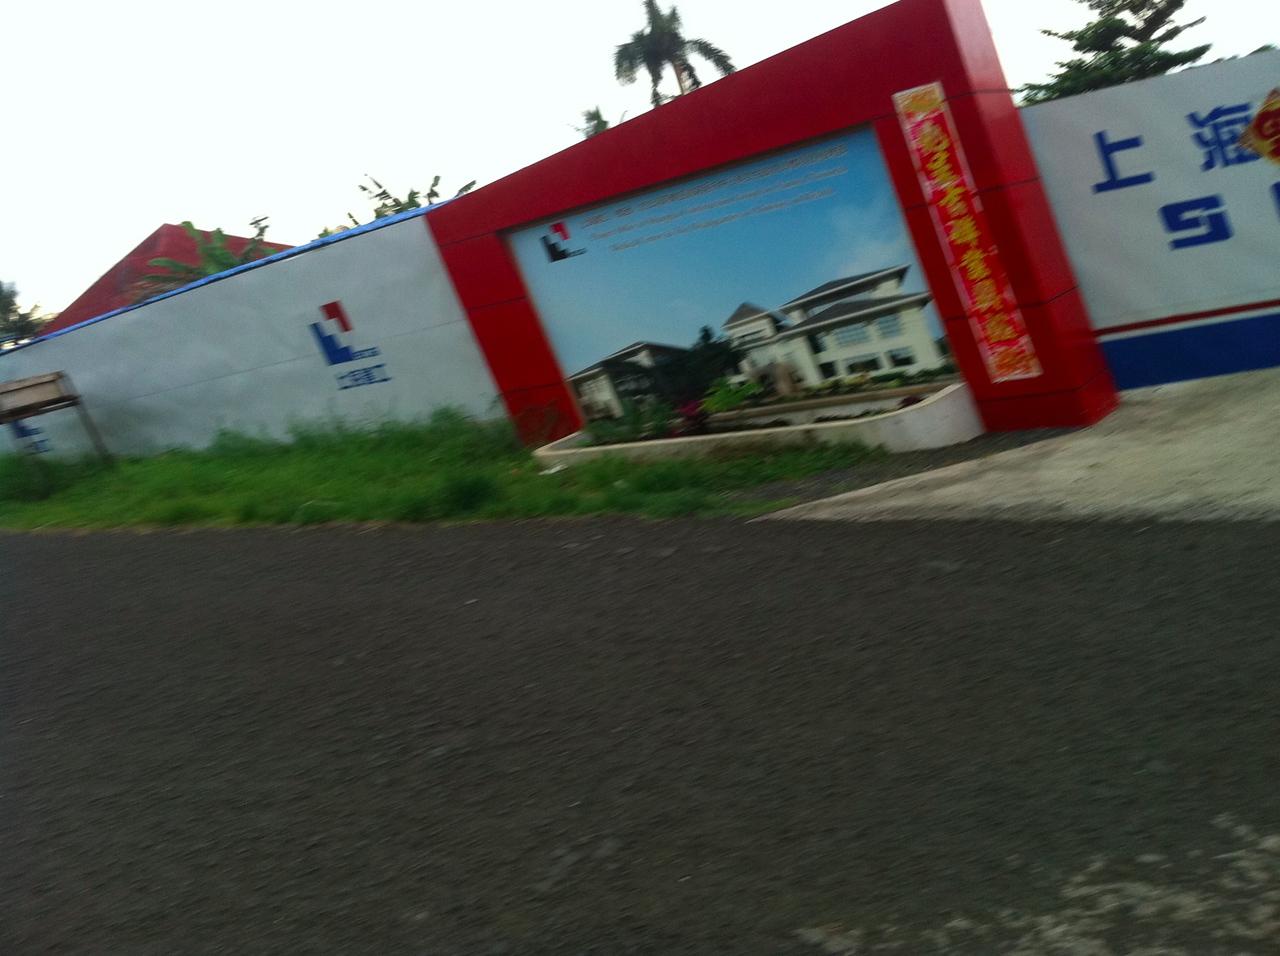 Shanghai Construction Company!